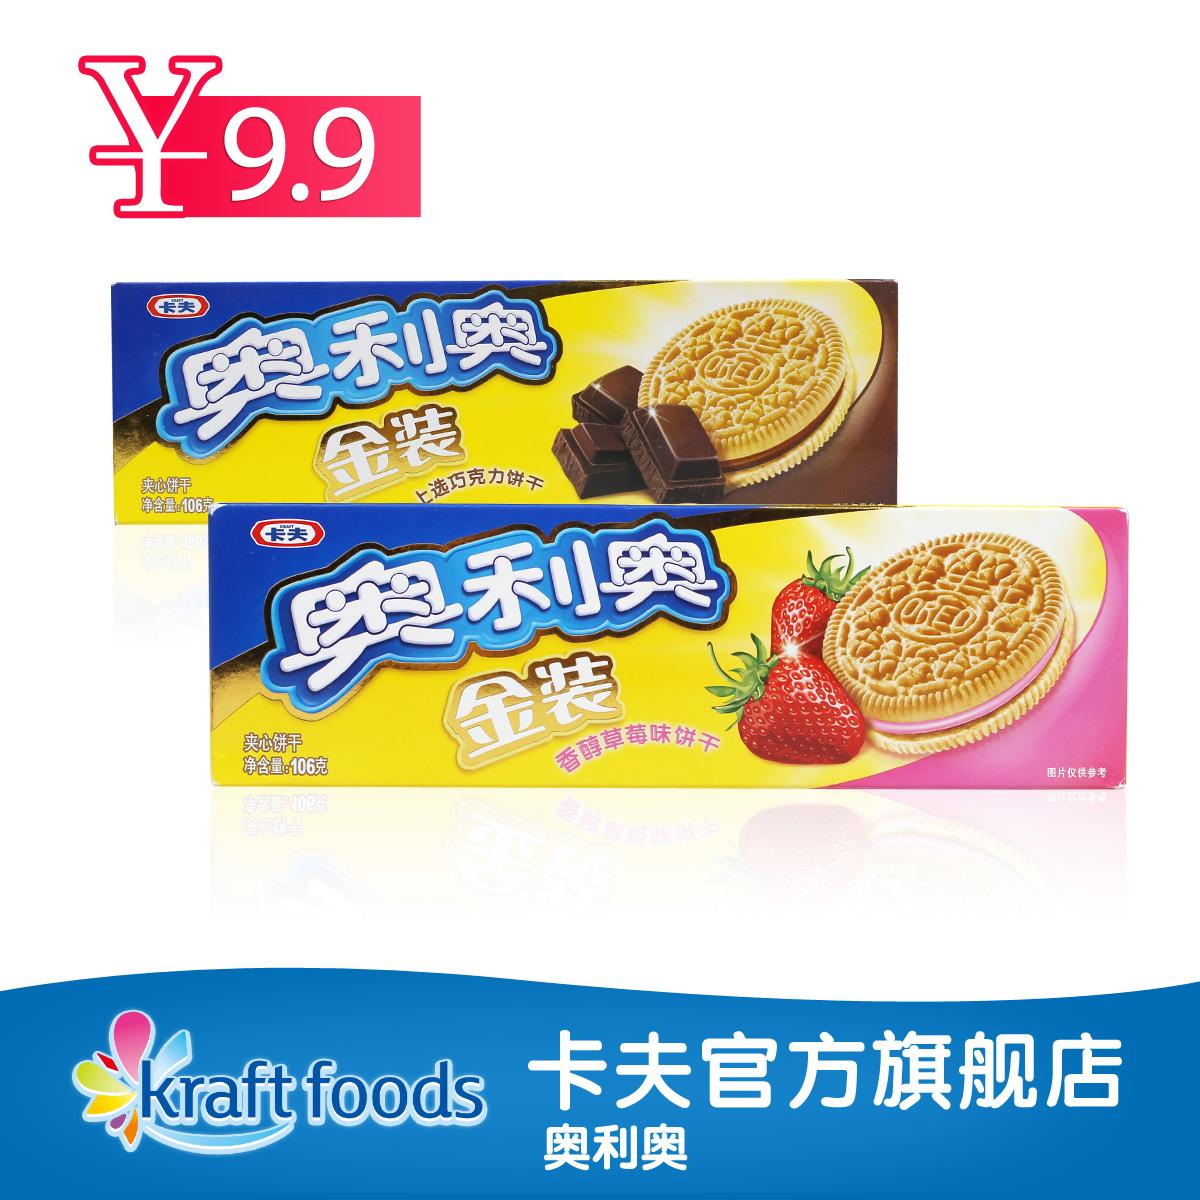 促销9.9元秒杀卡夫食品金装奥利奥夹心饼干巧克力味+草莓味